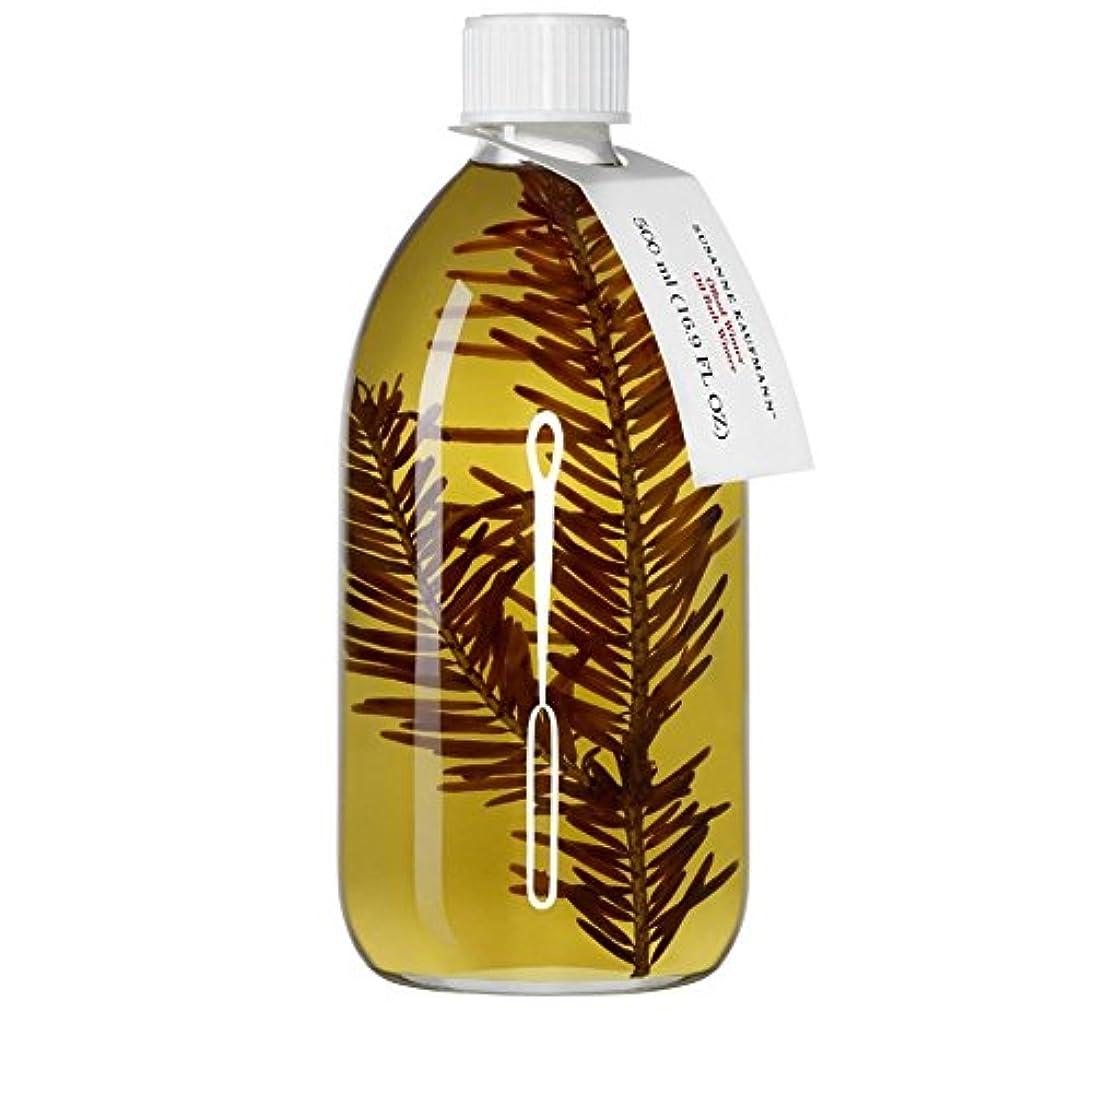 ギャザー月曜日つかの間Susanne Kaufmann Oil Bath Winter 500ml - スザンヌカウフマン油浴冬の500ミリリットル [並行輸入品]